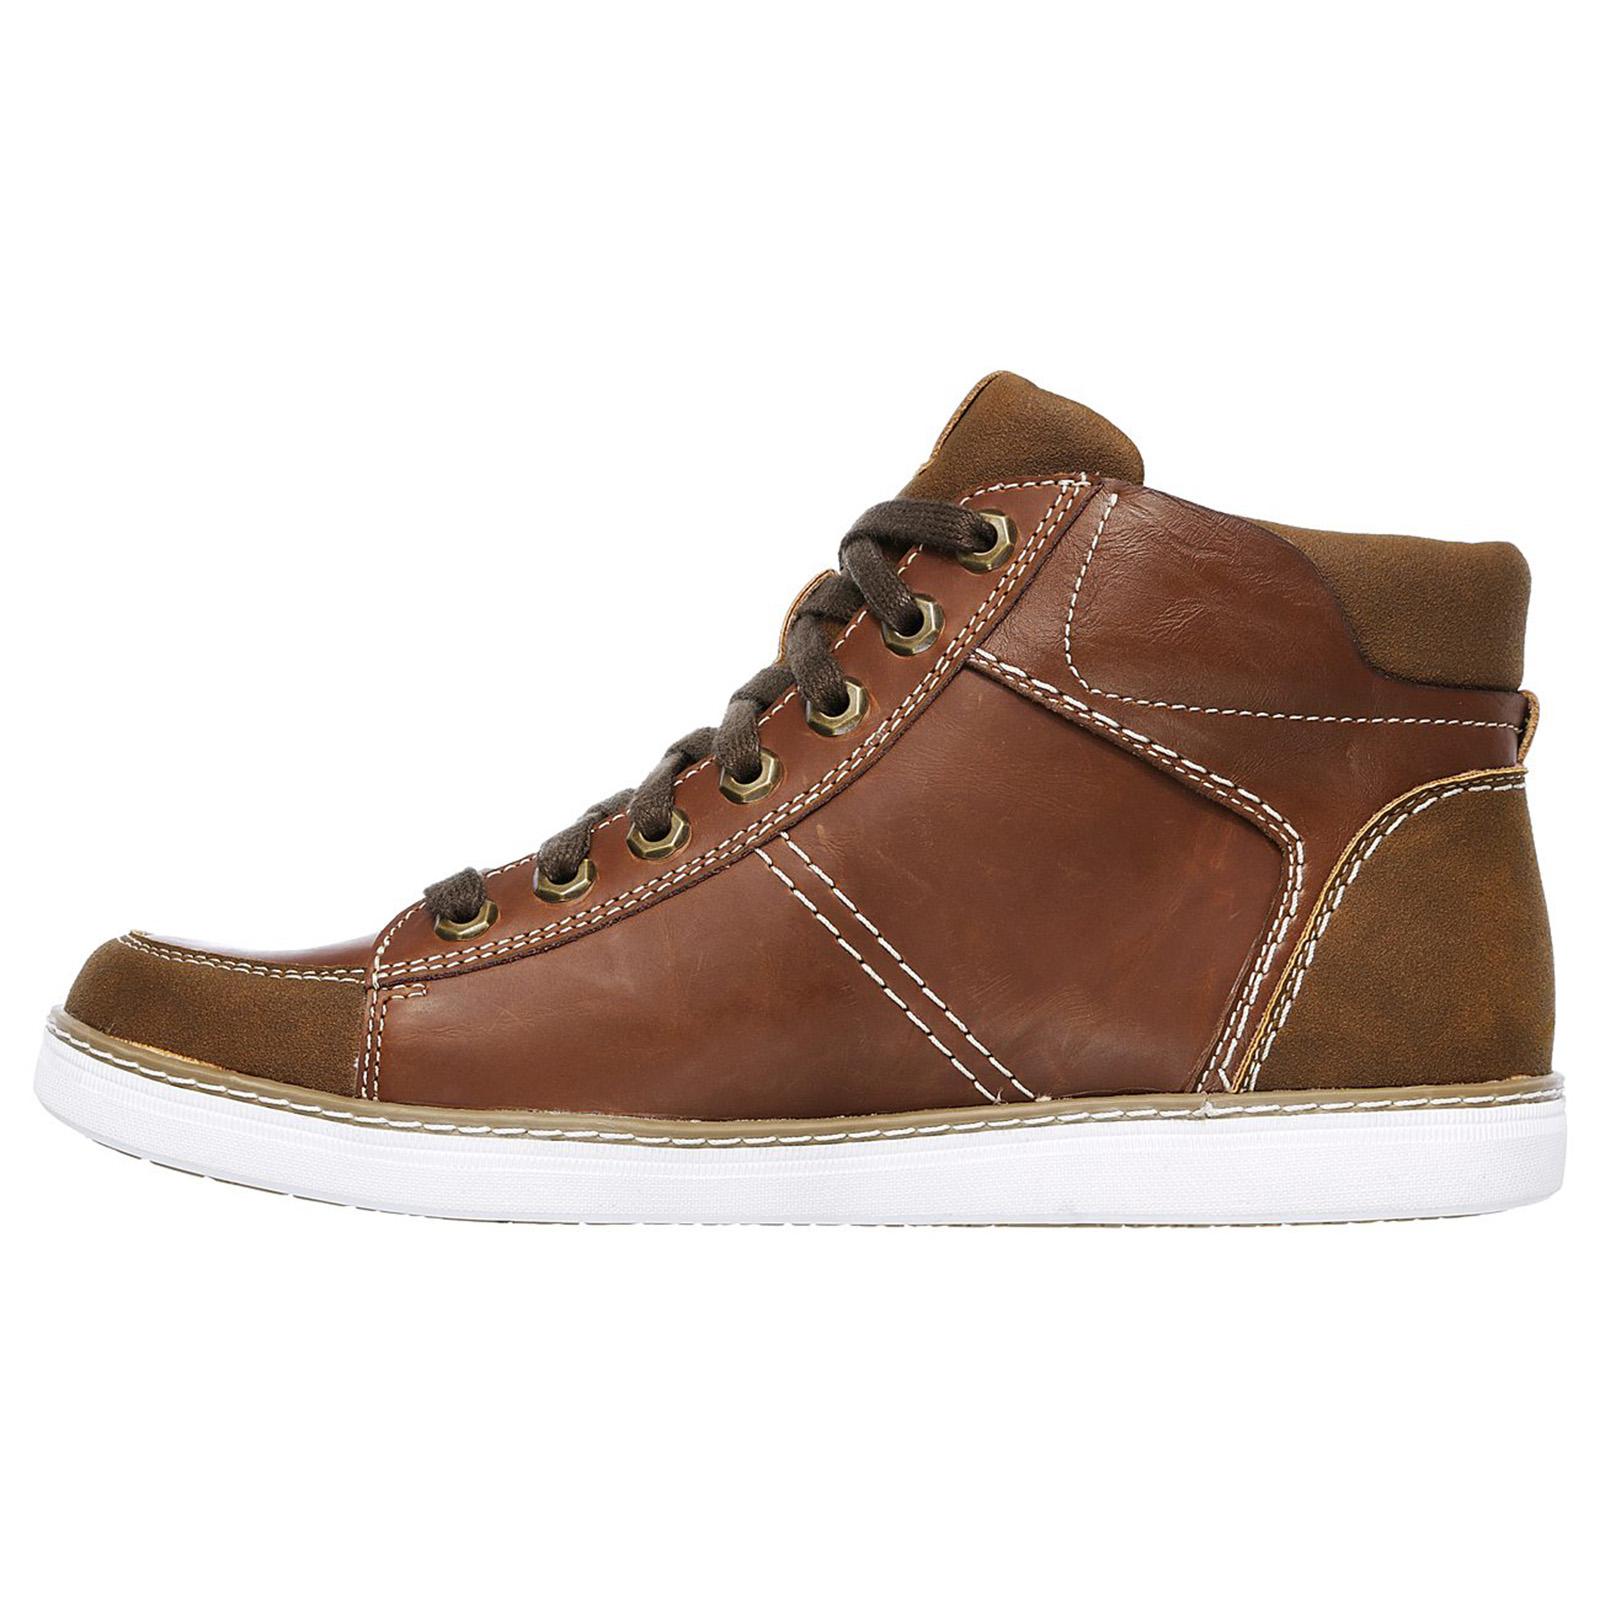 قیمت کفش مخصوص پیاده روی مردانه اسکچرز مدل Helmer granite 65062 TAN